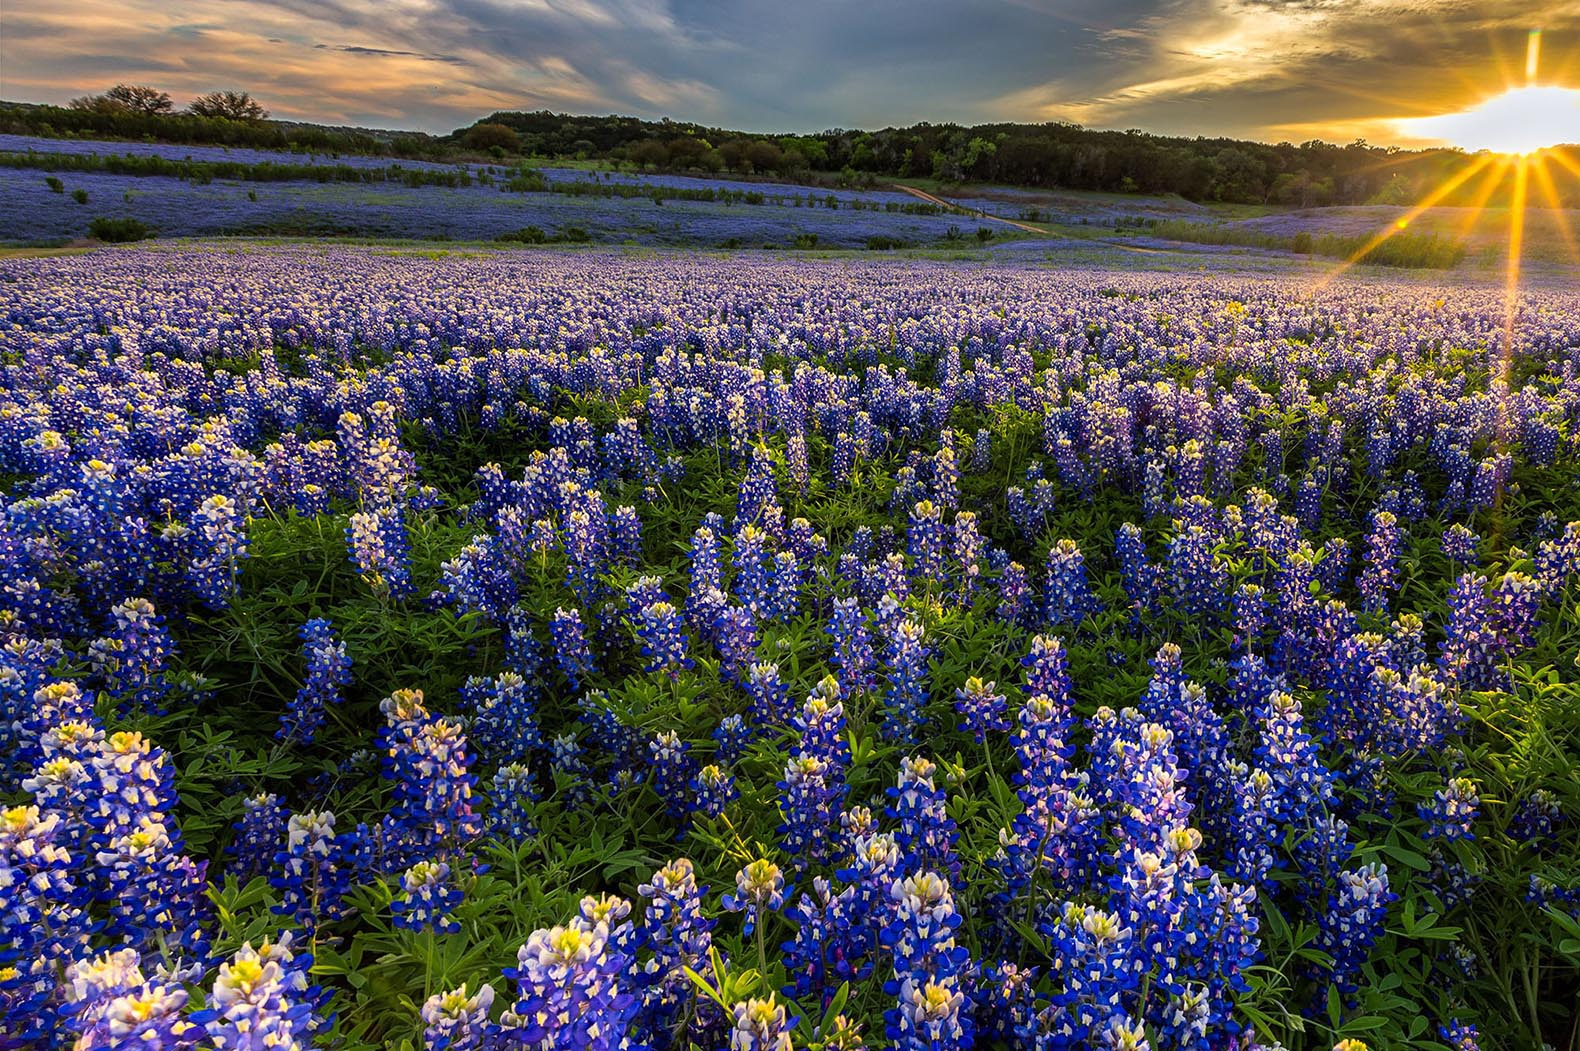 Field of Blue Bonnet flowers